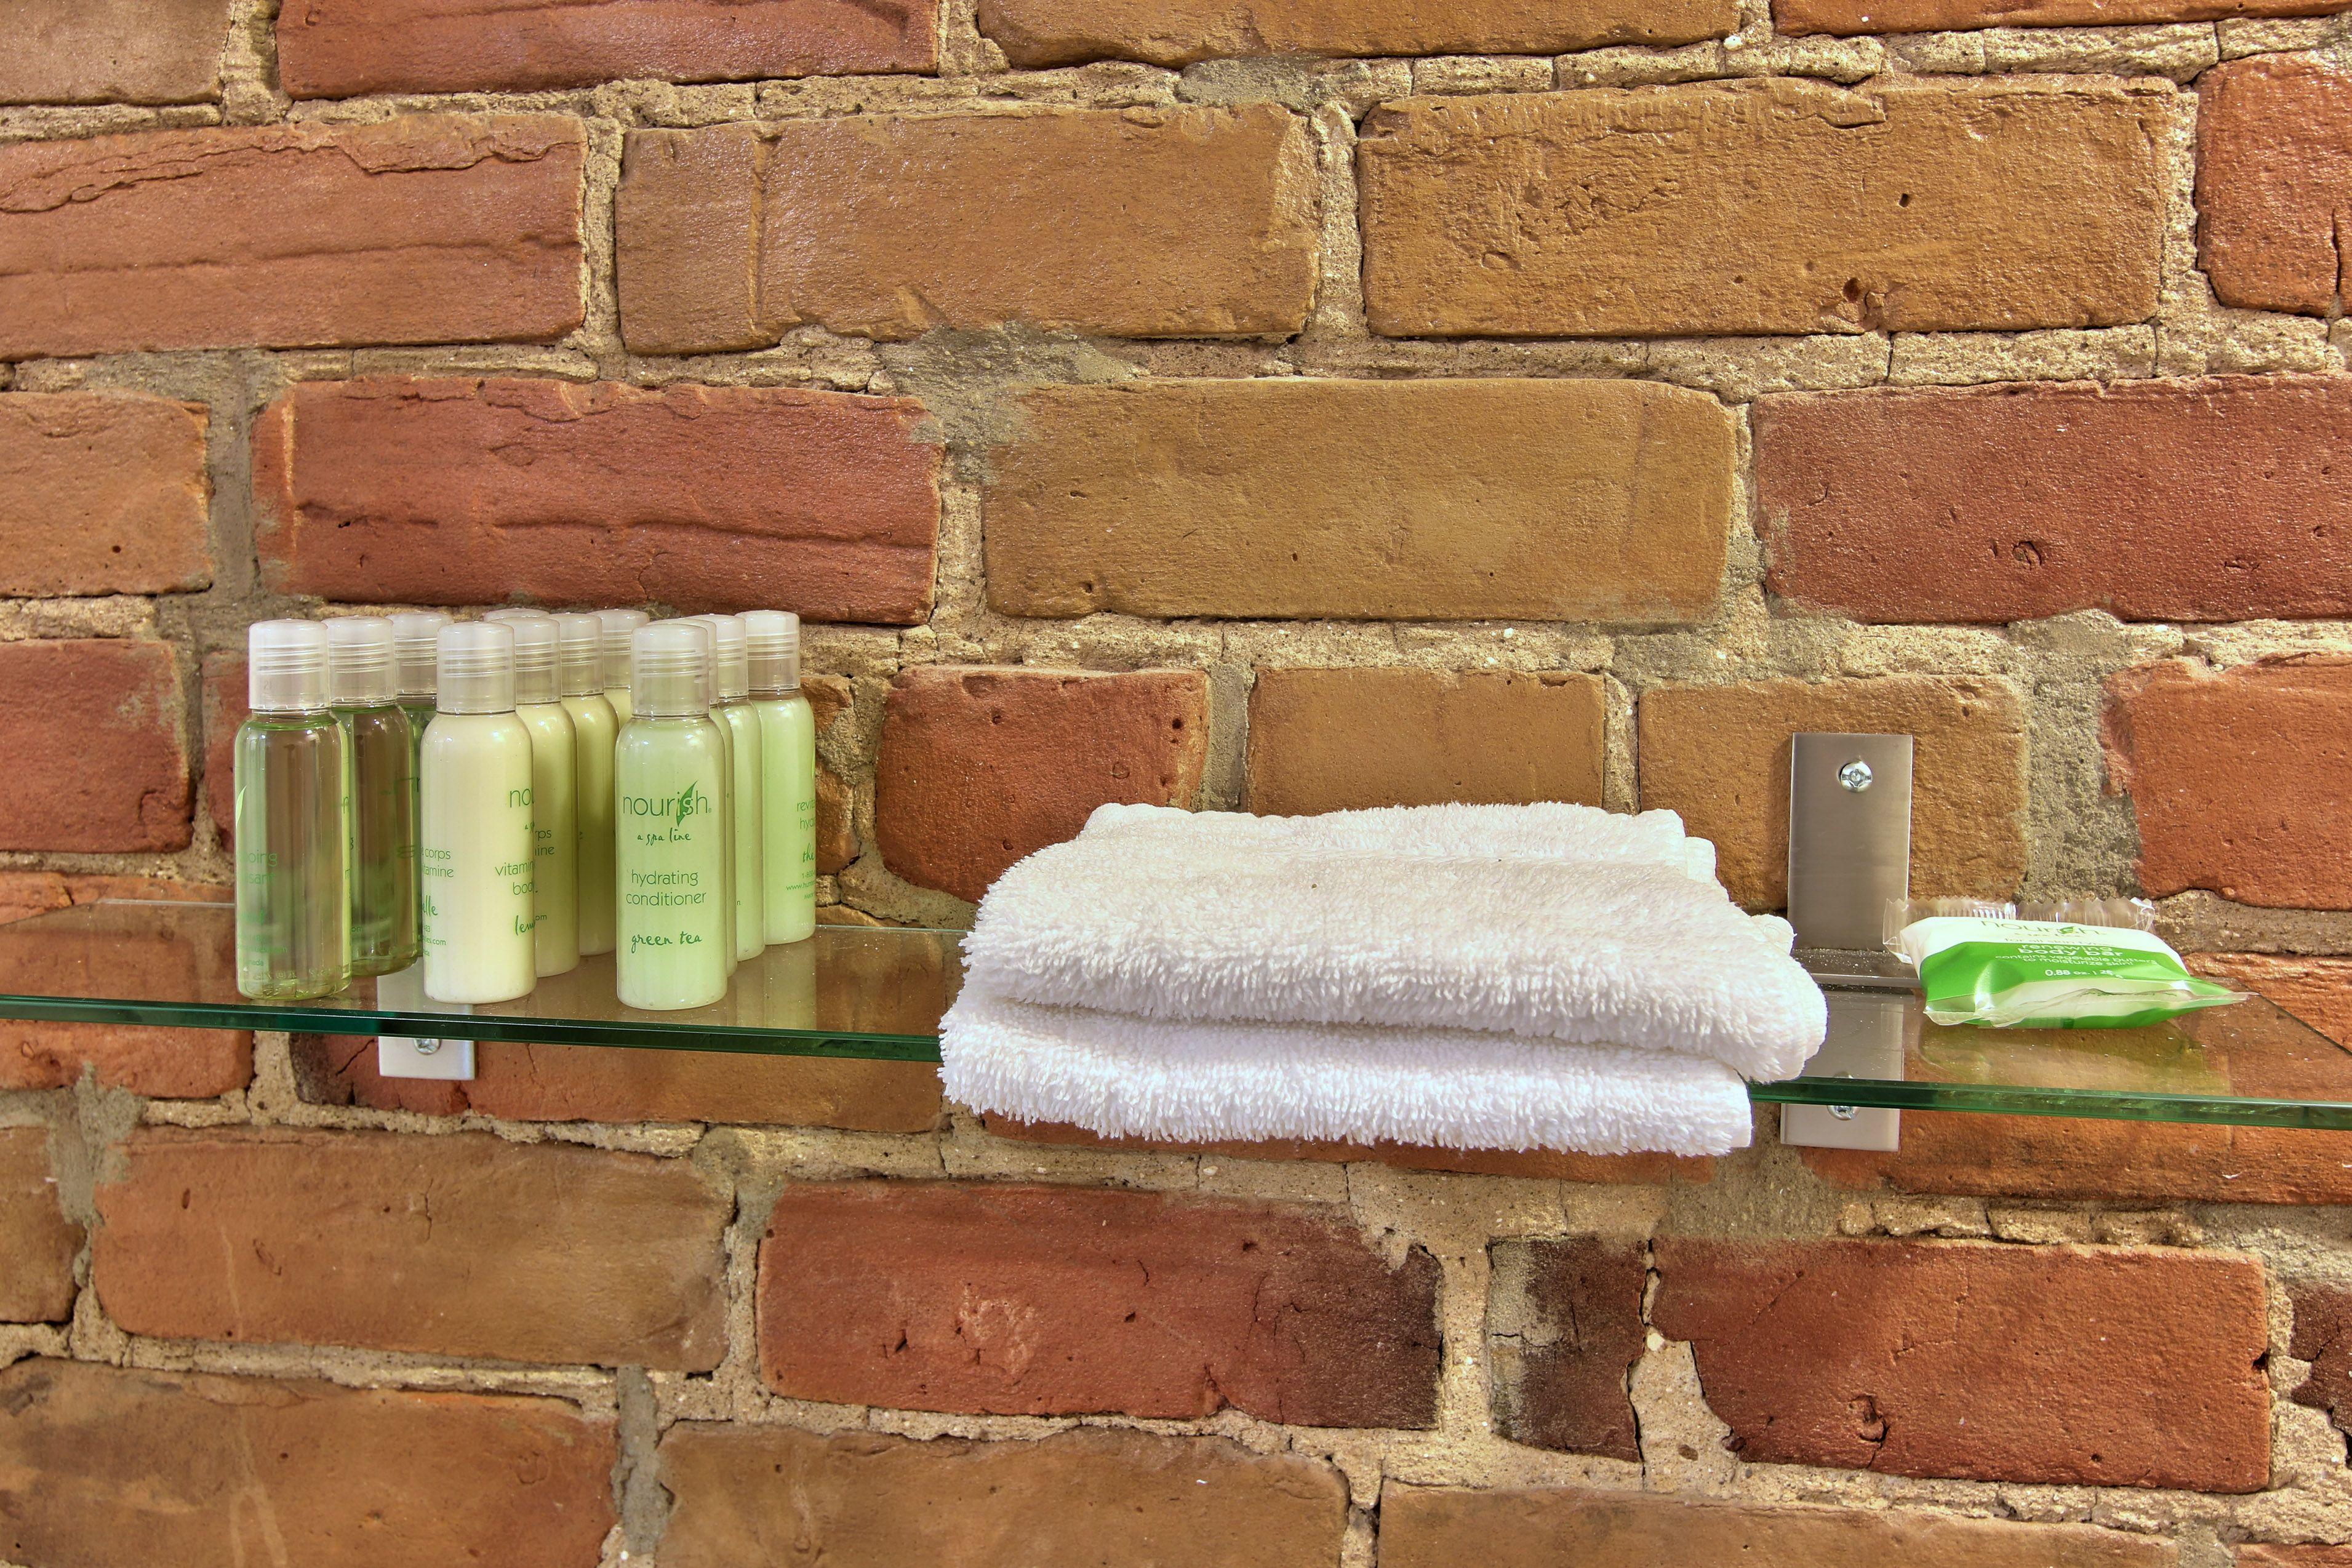 hotel-proche-palais-des-congres-montreal-studio-produits-salle-de-bain